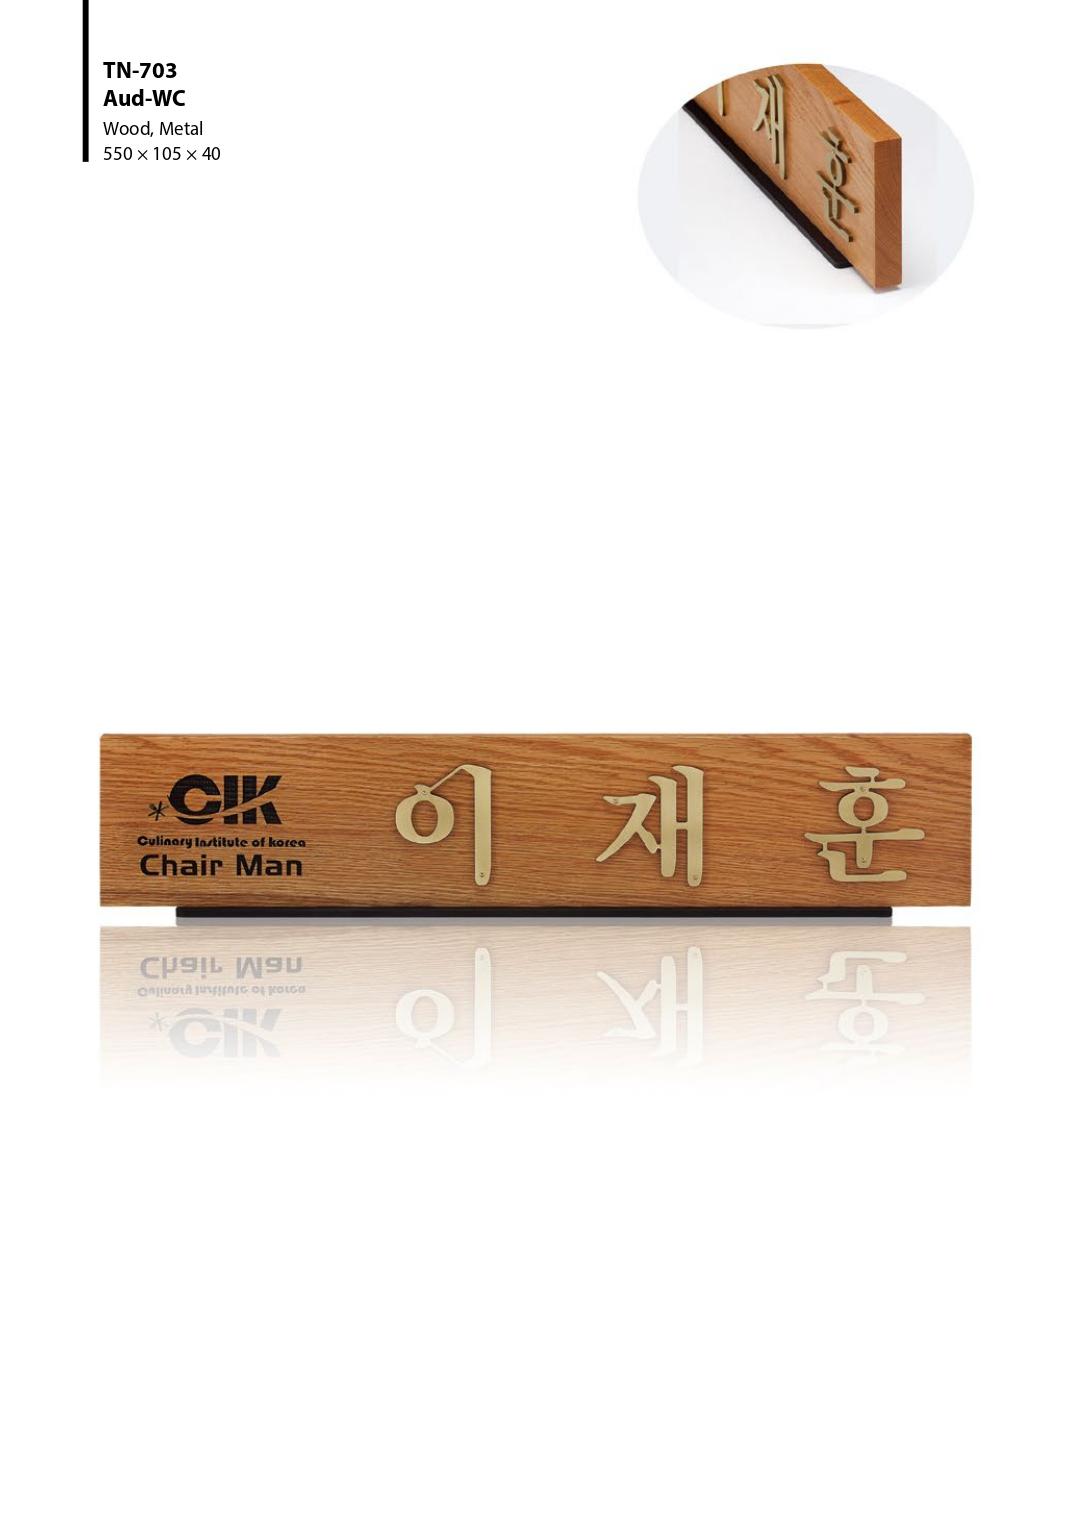 KLPK44003 나무명패 금속조각디자인 상패 트로피 판촉물 제작 케이엘피코리아